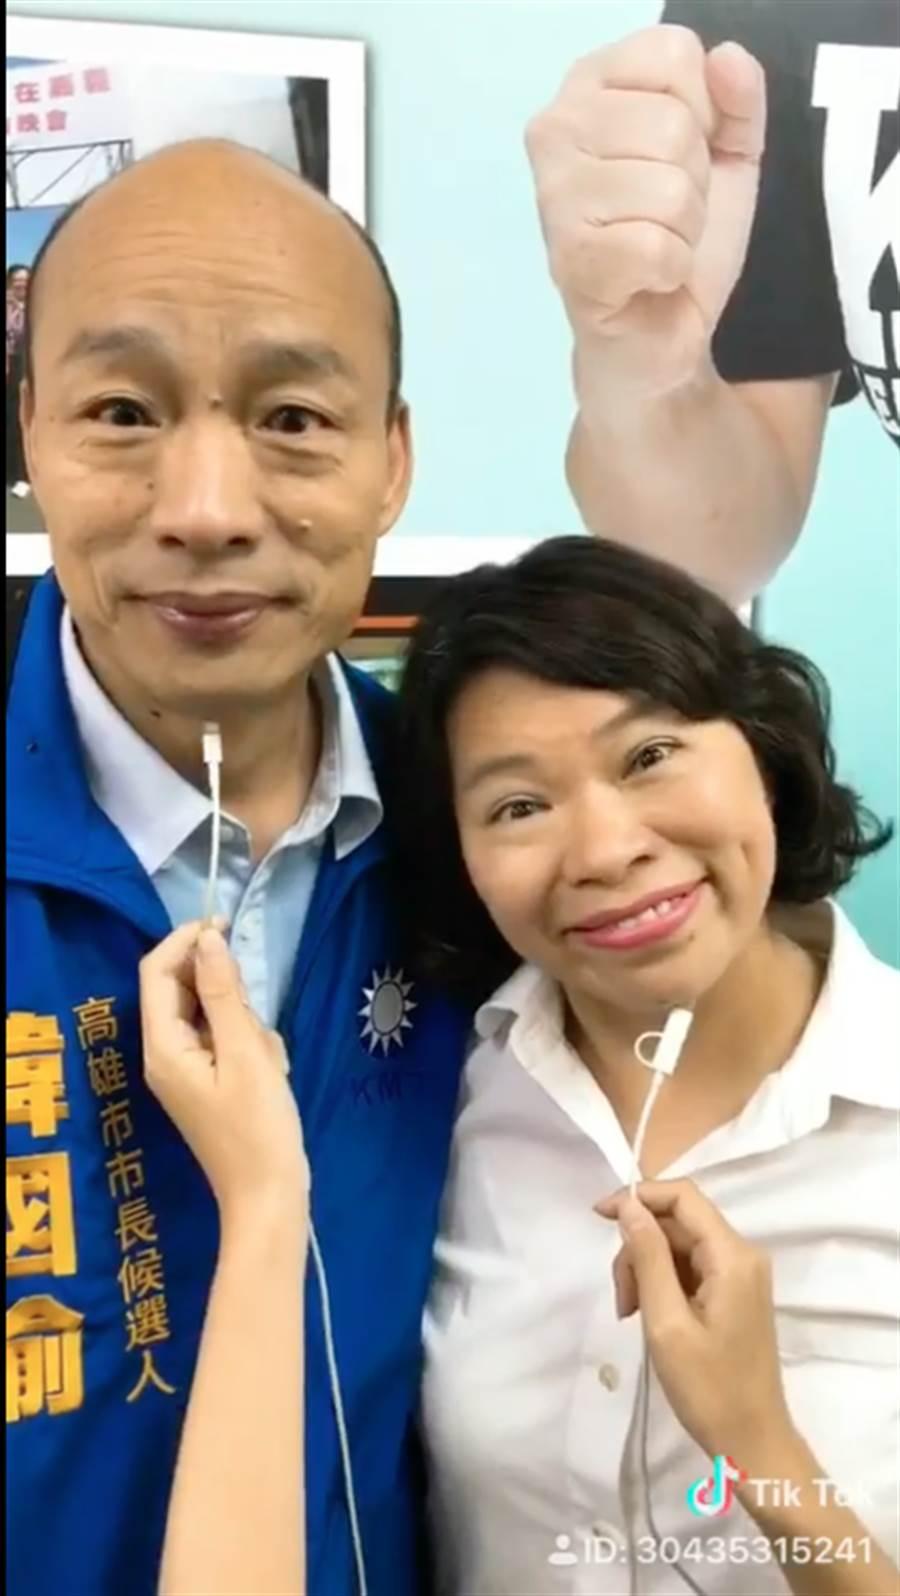 韓國瑜首次錄製抖音。圖片來源:國民黨青年部 提供